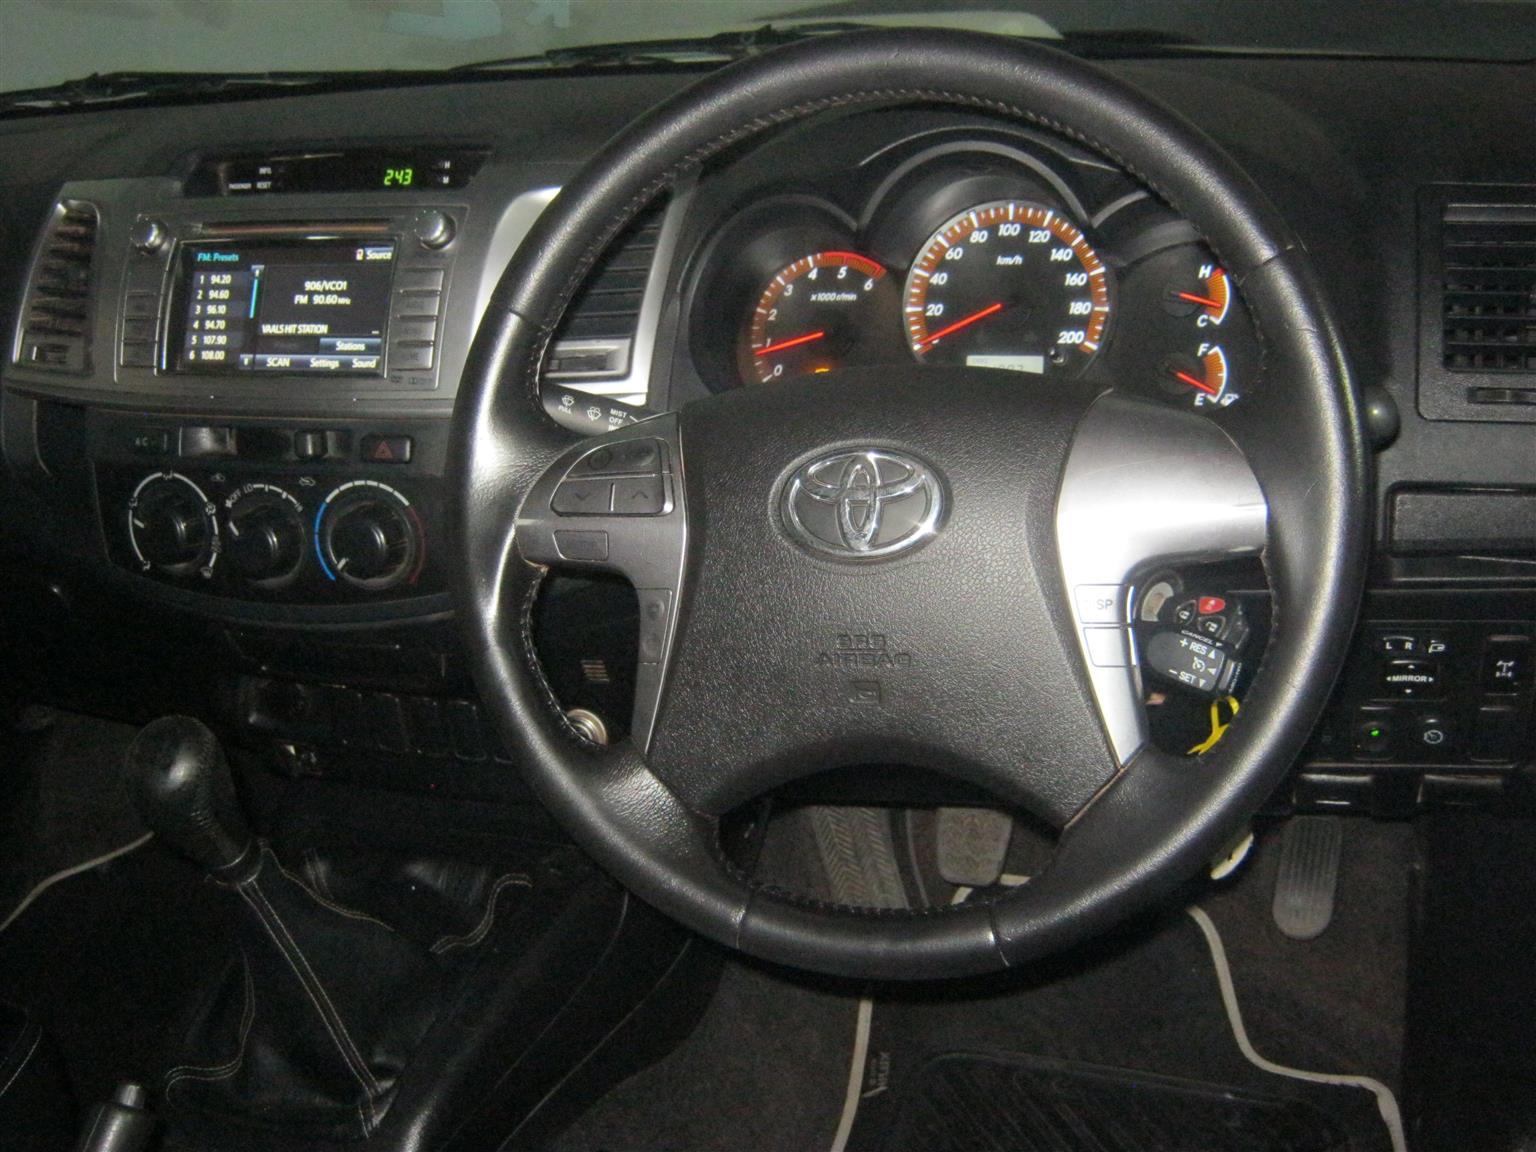 2015 Toyota Hilux 3.0D 4D Xtra cab Raider Legend 45